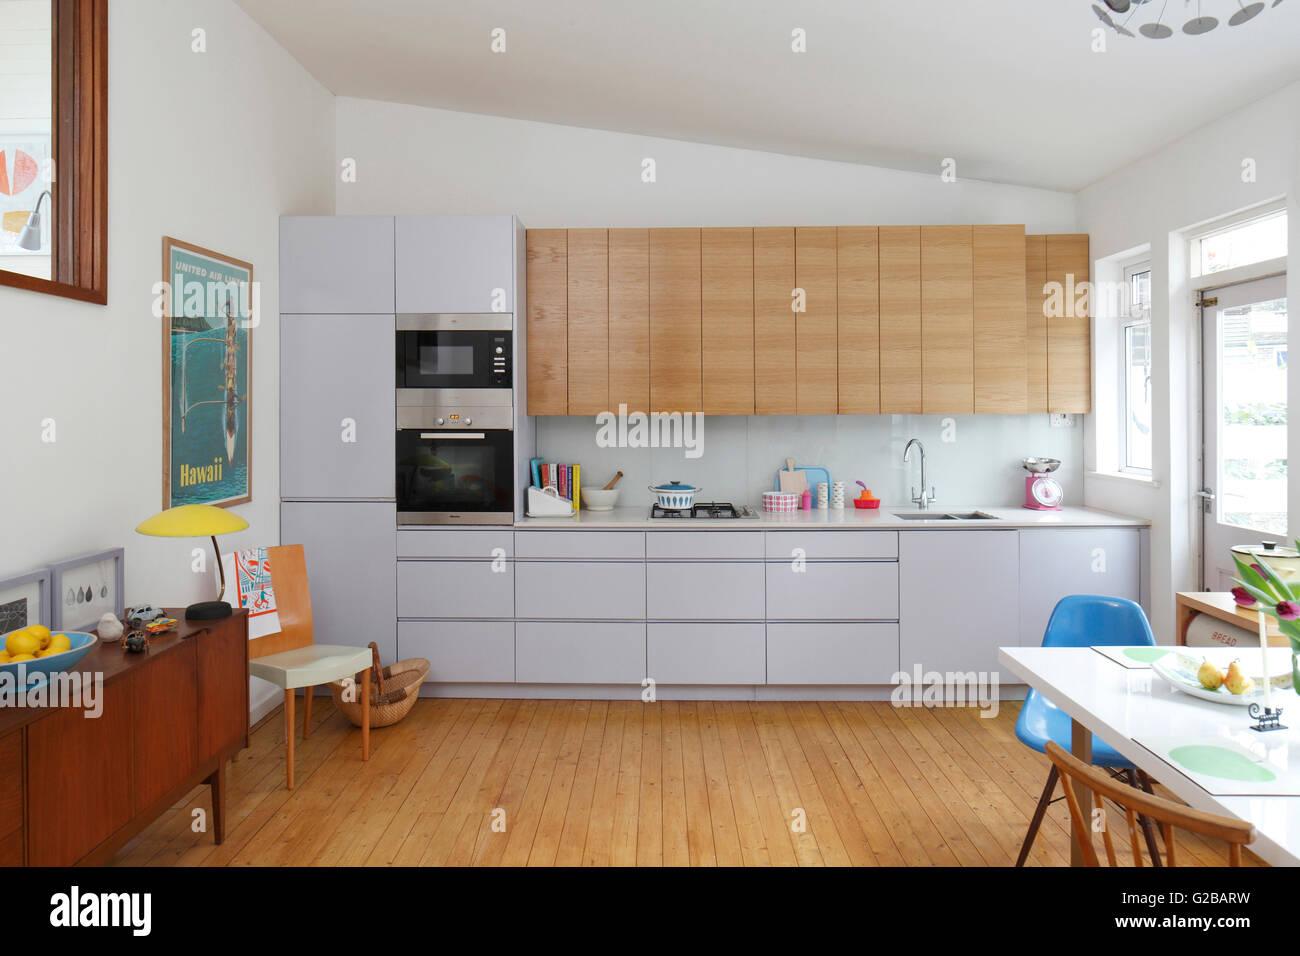 Cuisine avec plafond en pente. Des armoires de cuisine en bois et ...